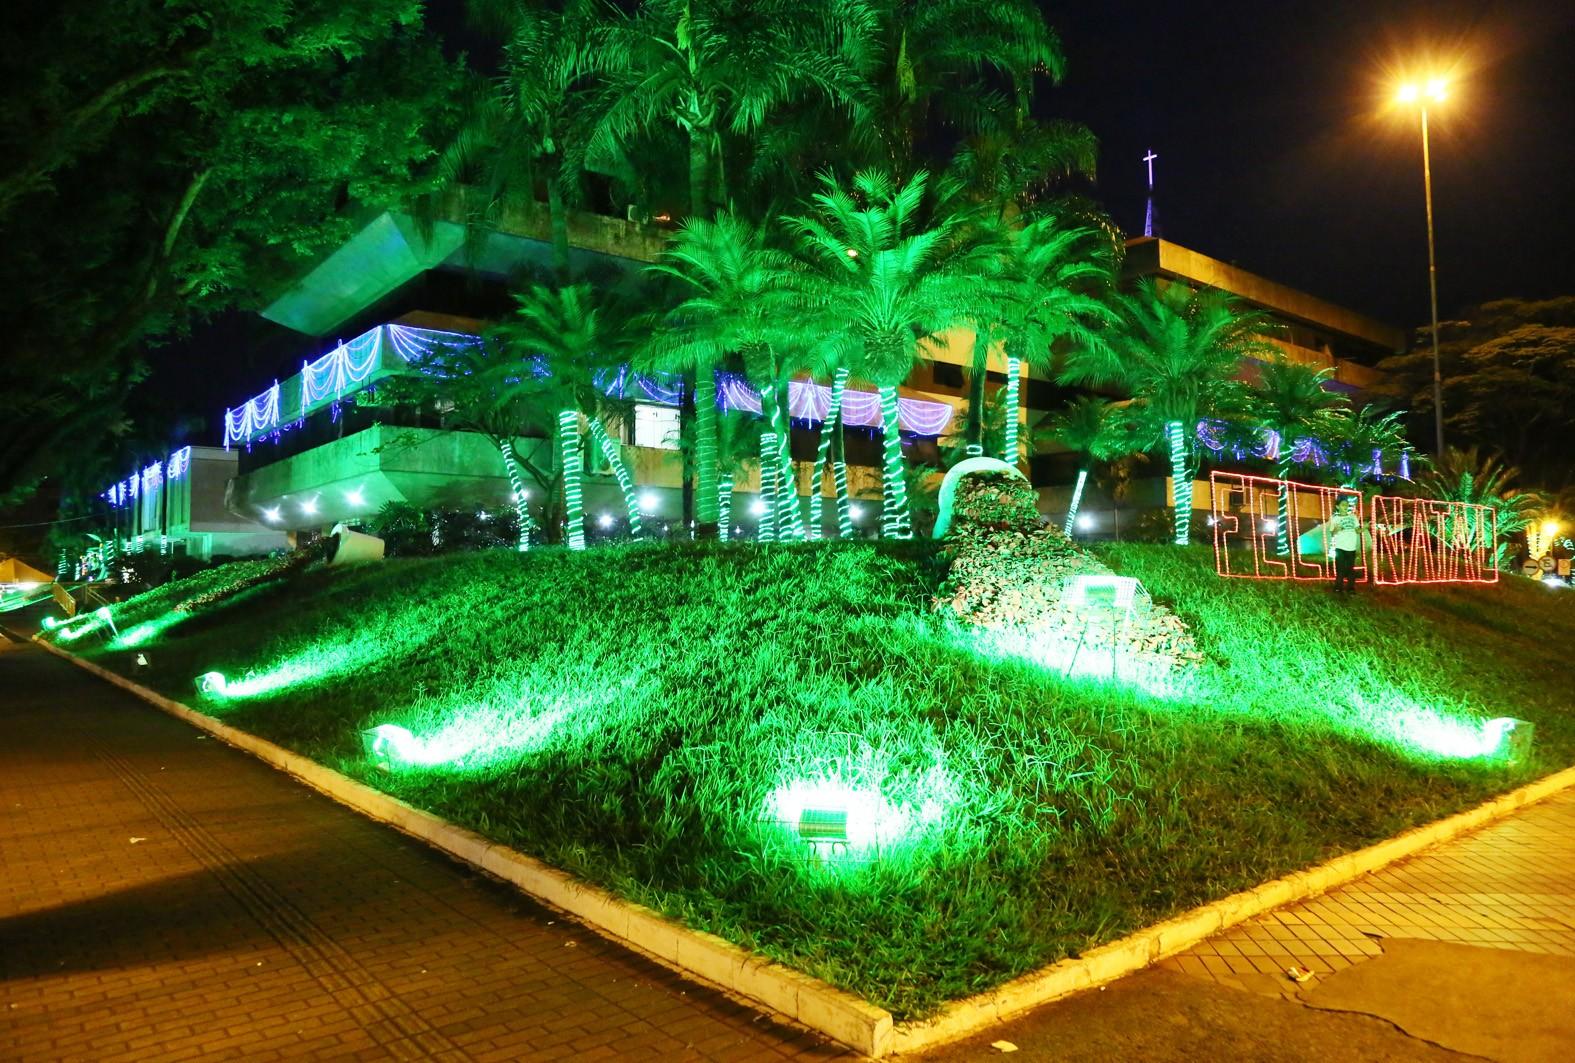 MP libera decoração de R$ 163,9 mil para casa do Papai Noel em Maringá